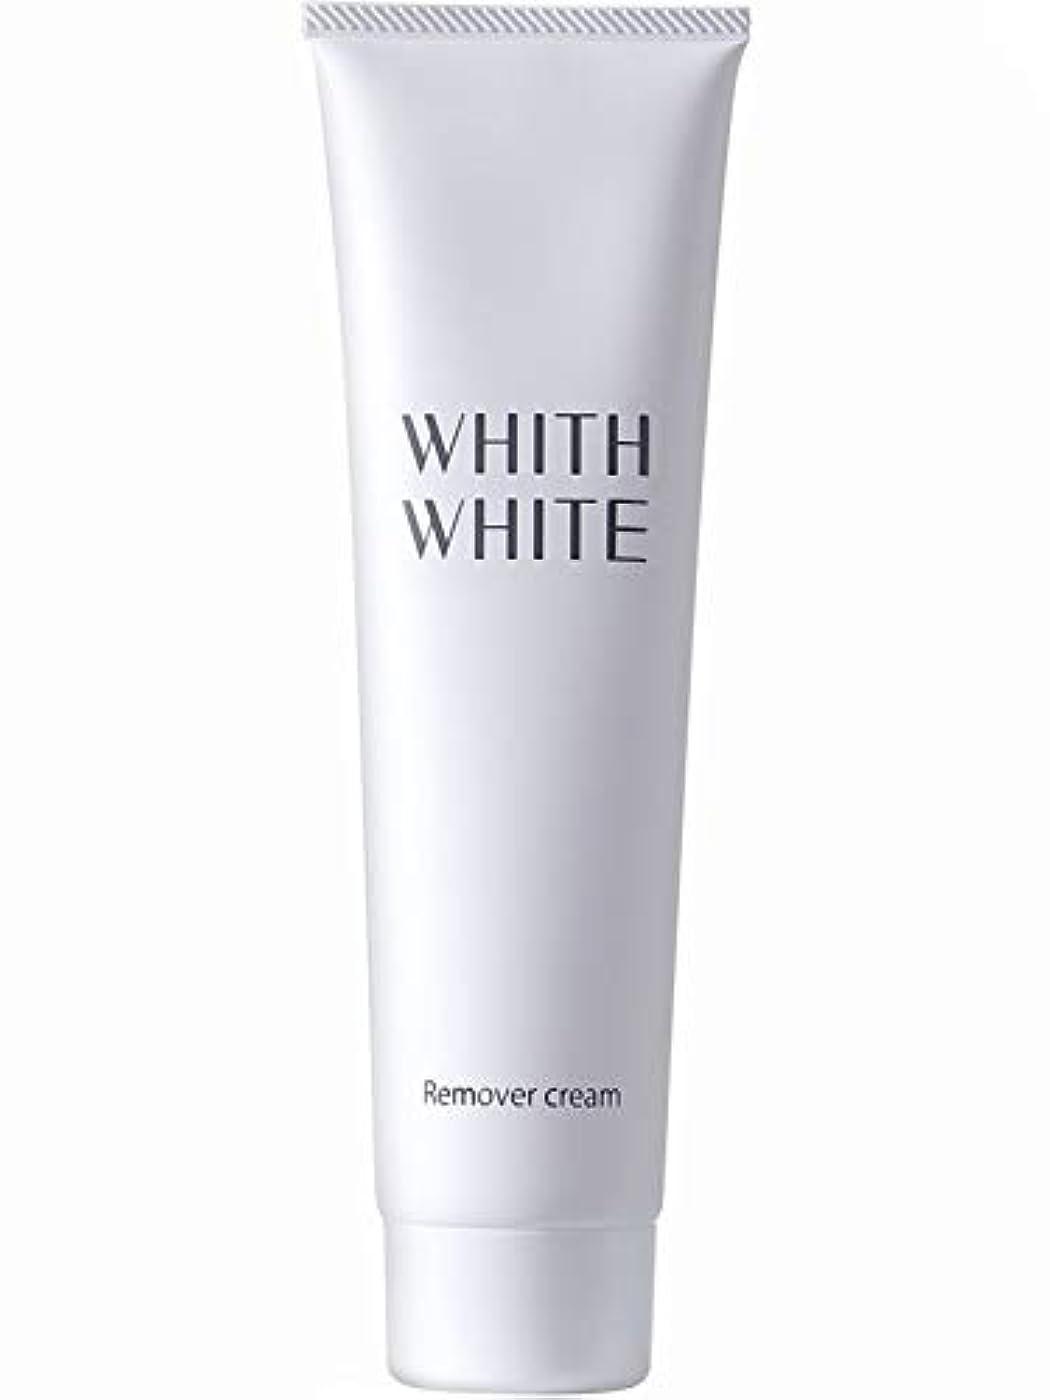 戦士栄光万一に備えて【医薬部外品】 WHITH WHITE(フィス ホワイト) 除毛クリーム 150g 陰部 使用可能